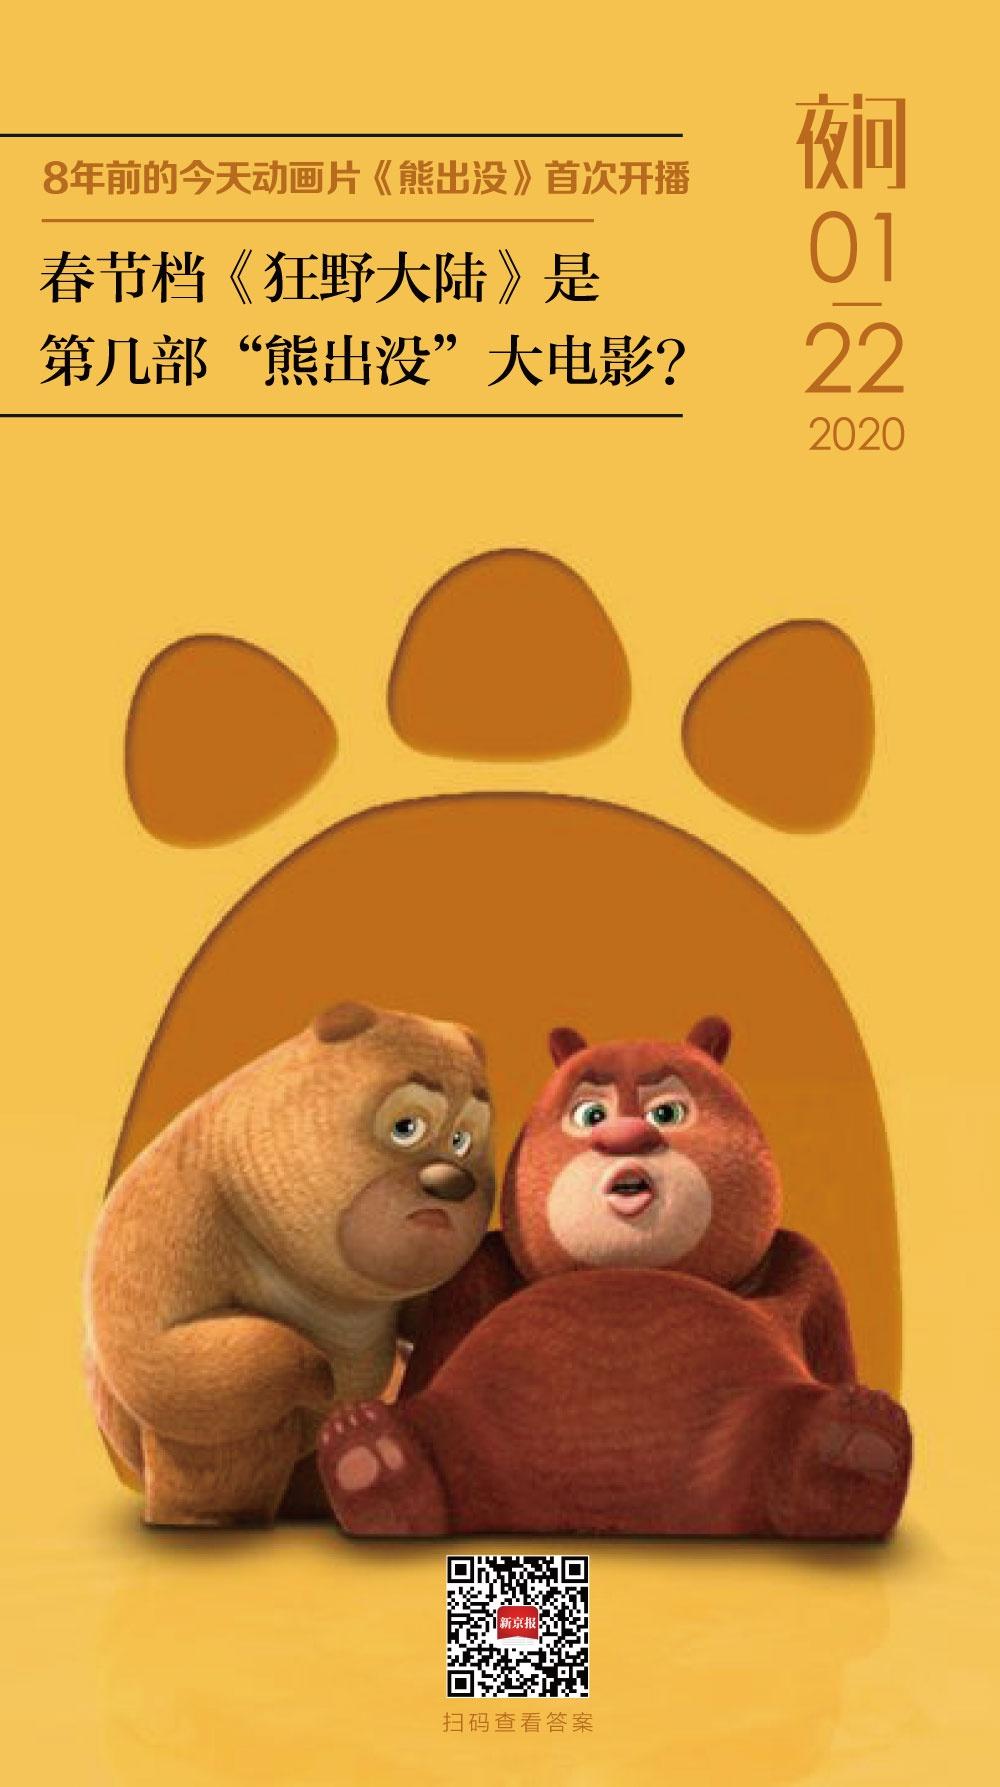 熊出没的时代,熊孩子都爱丨夜问图片